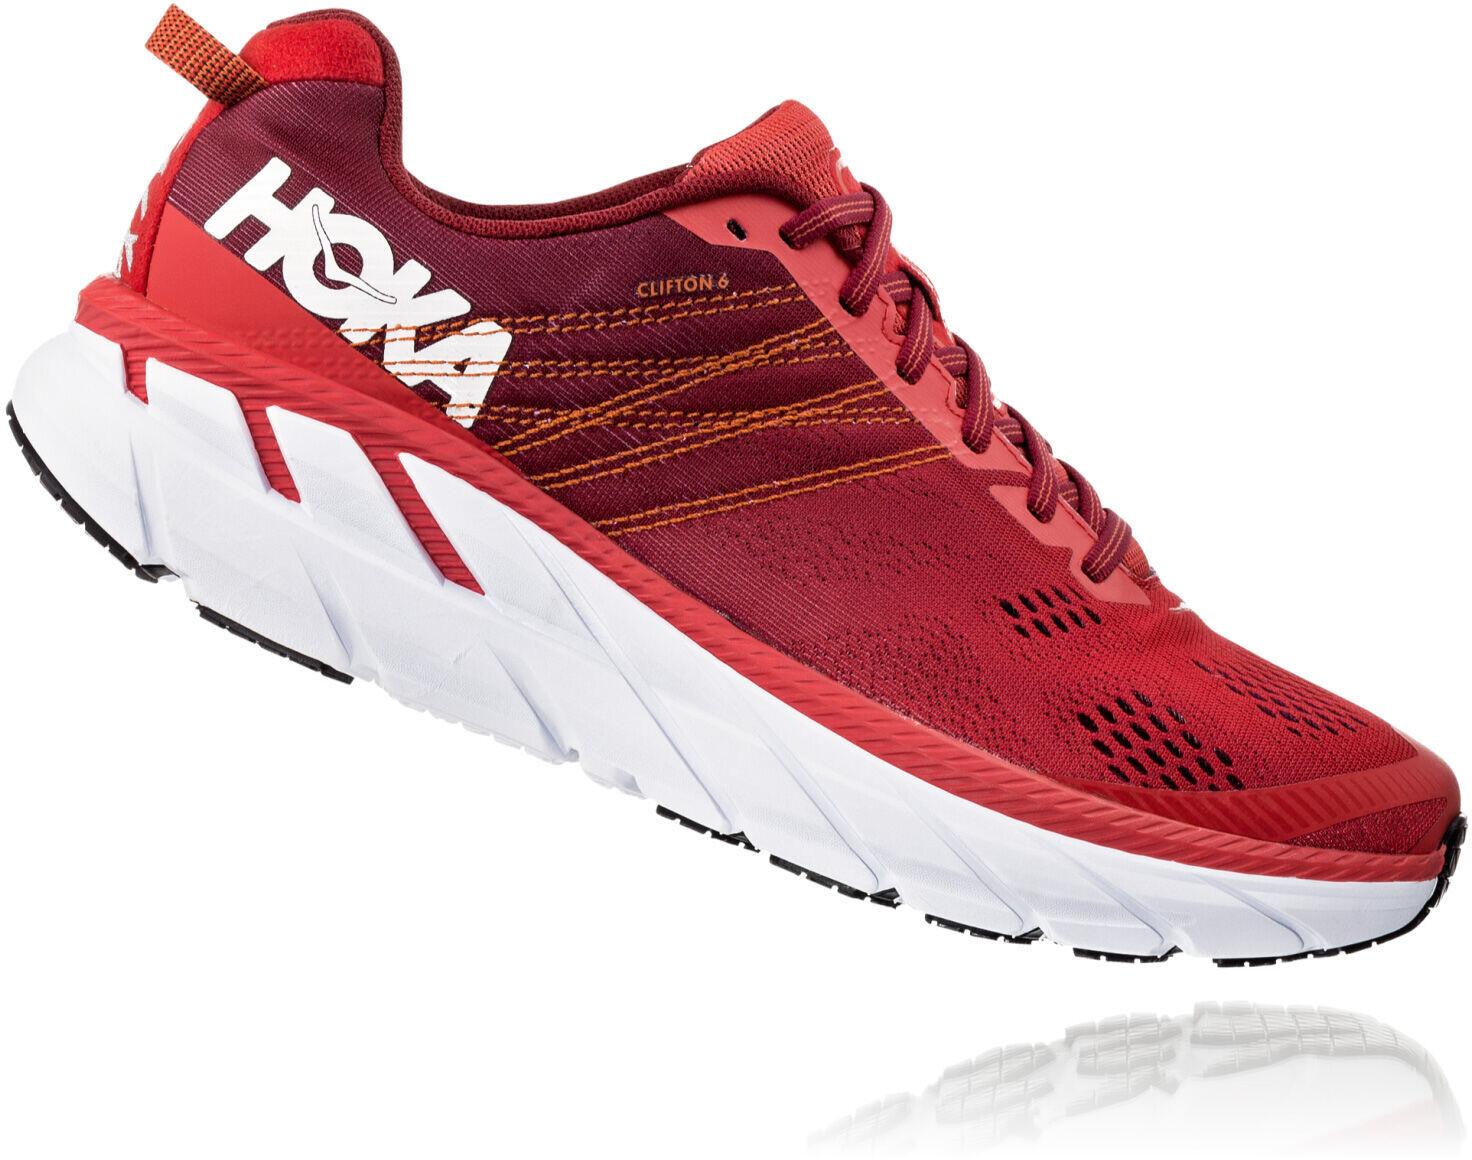 Hoka One One Clifton 6 Zapatillas Running Hombre, poppy redrio red